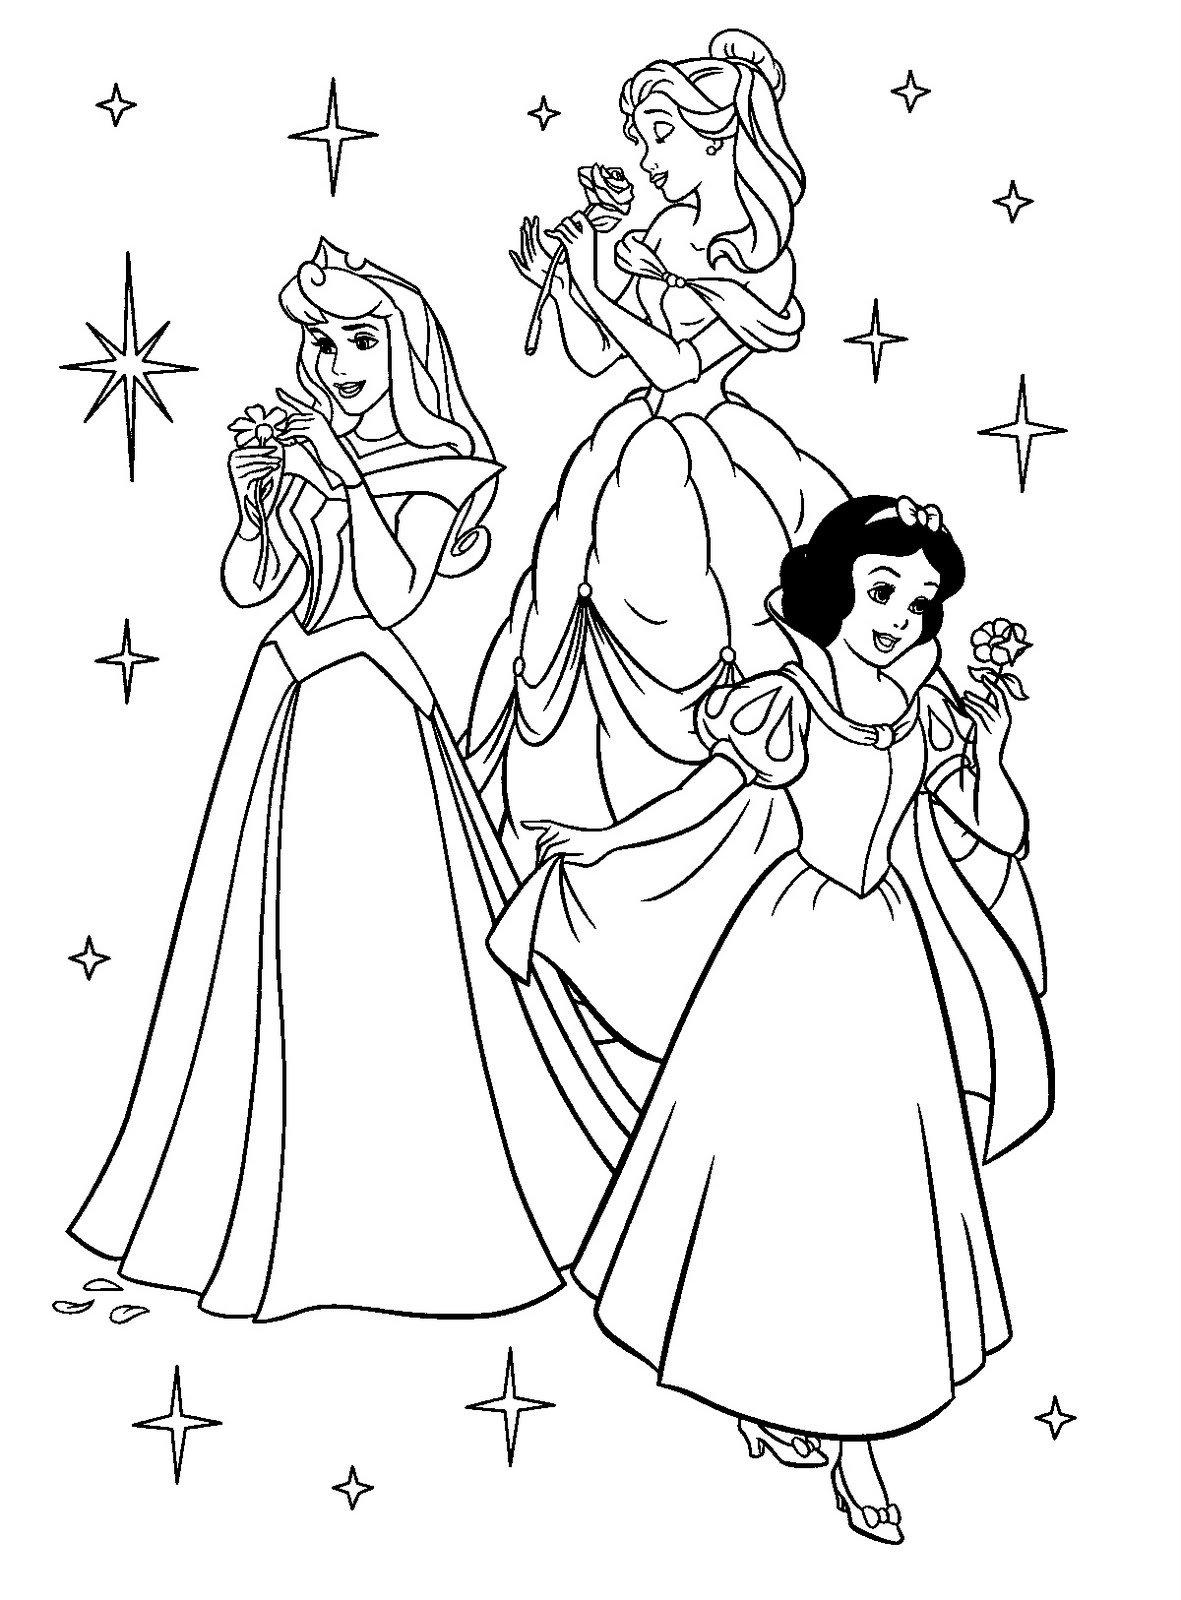 Desenhos Para Colorir Da Disney  Imagens Para Imprimir E Pintar Grátis